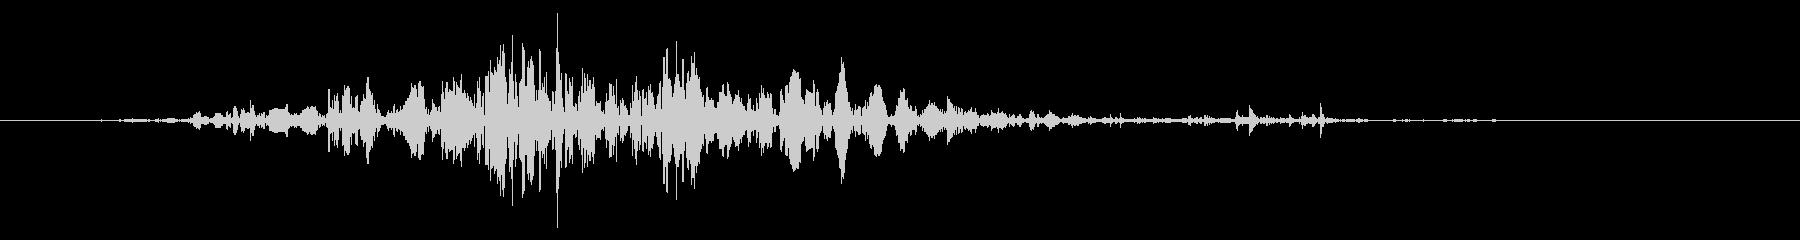 スライムなどが蠢く音 タイプA#6の未再生の波形